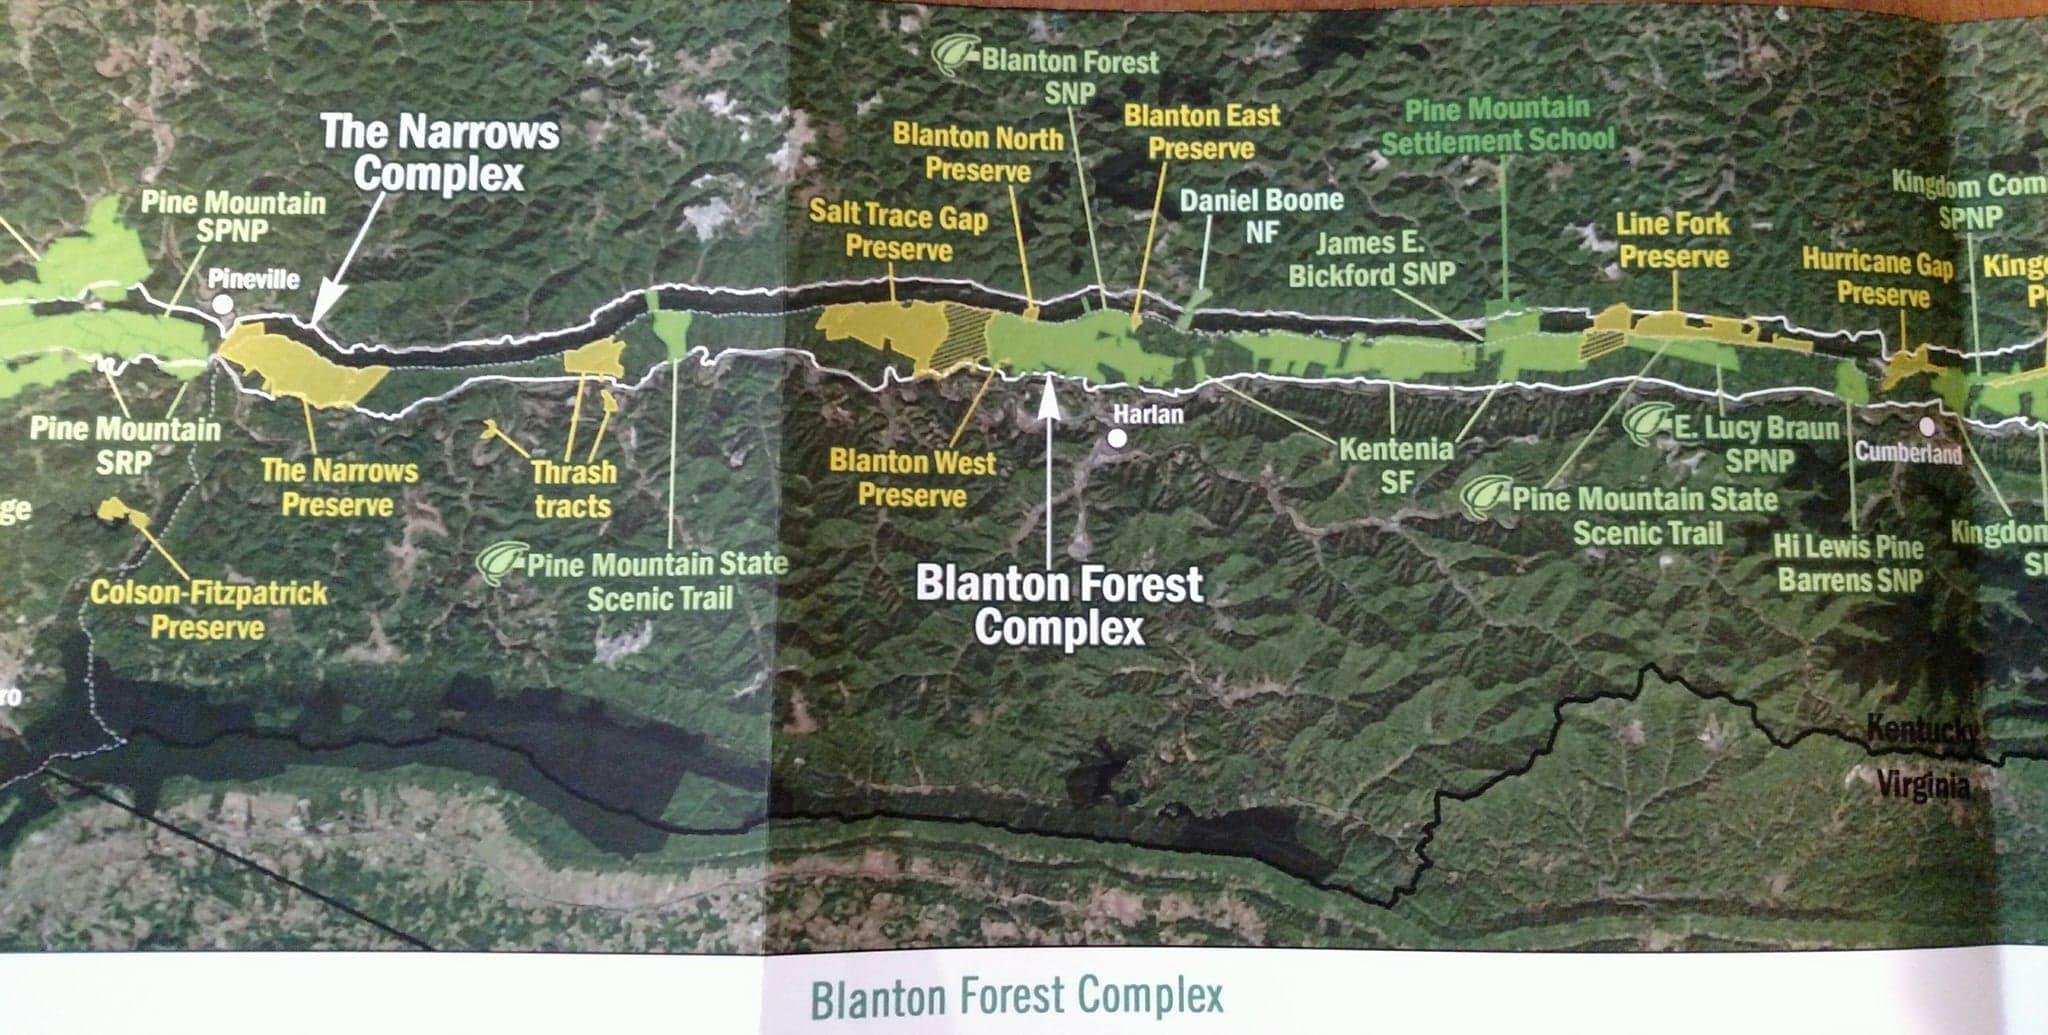 Blanton Forest Preserve, Pine Mountain, Kentucky